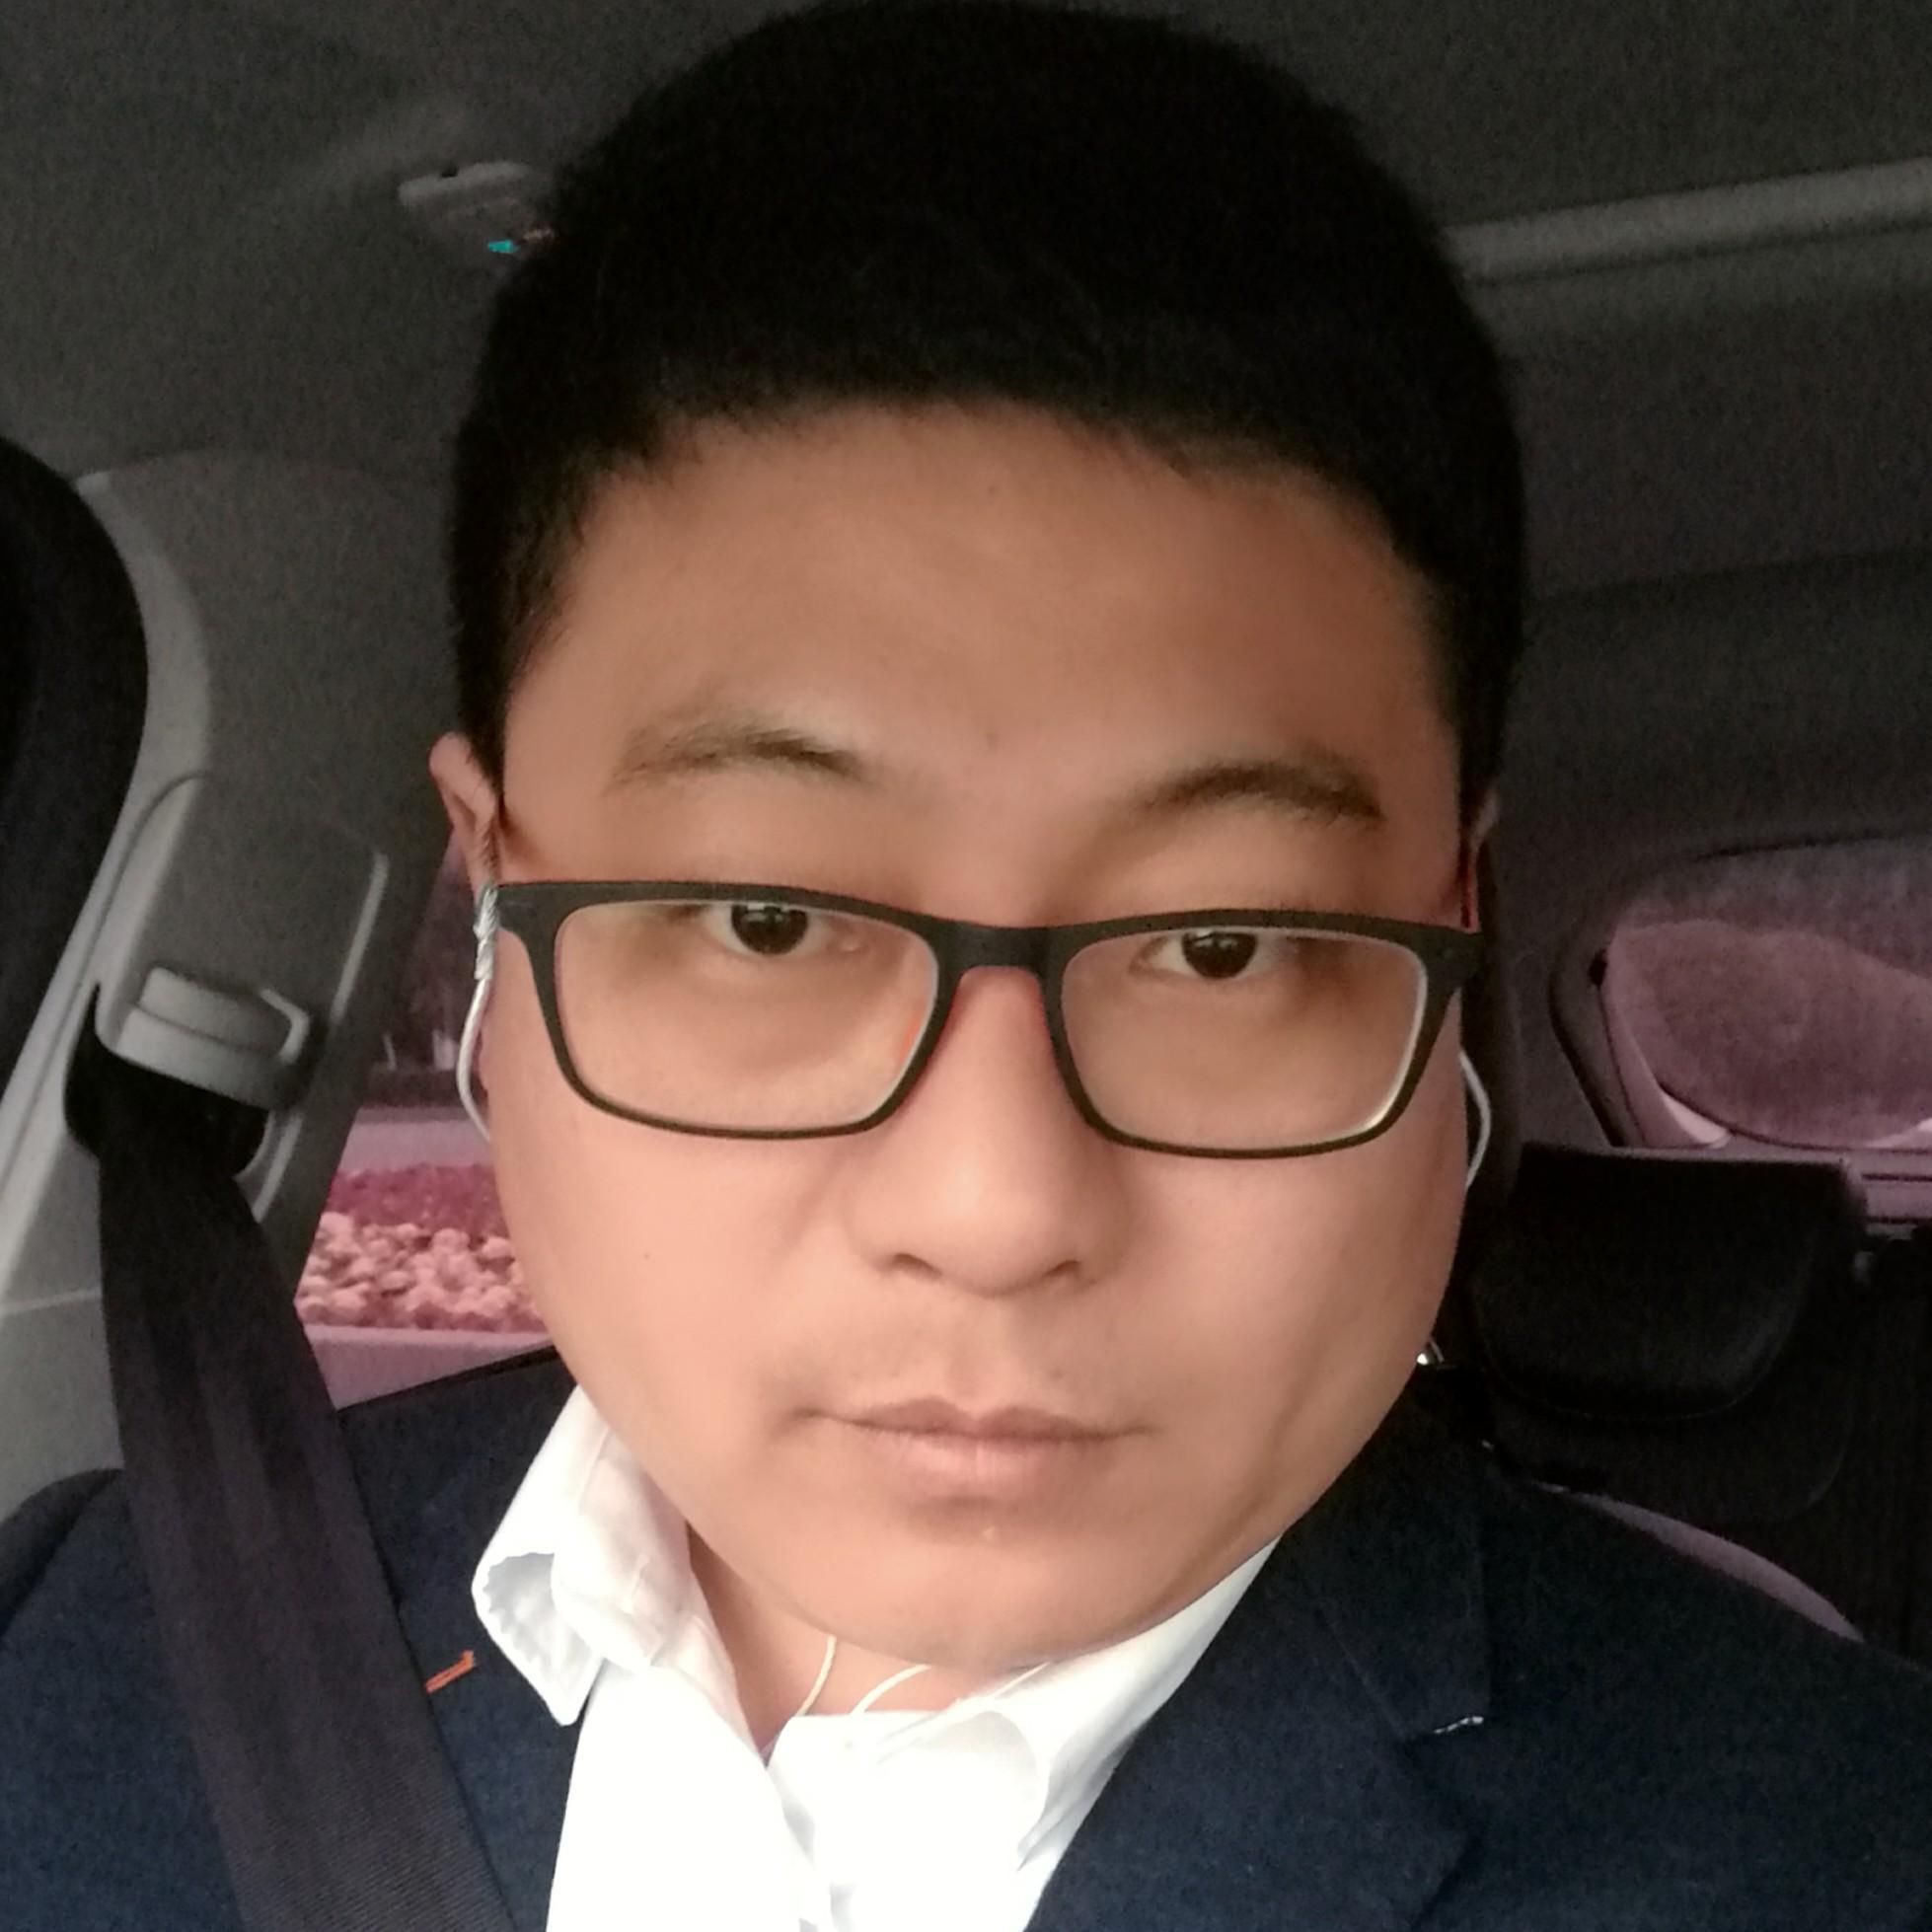 河南诚实人实业集团有限责任公司总监宋占宇照片